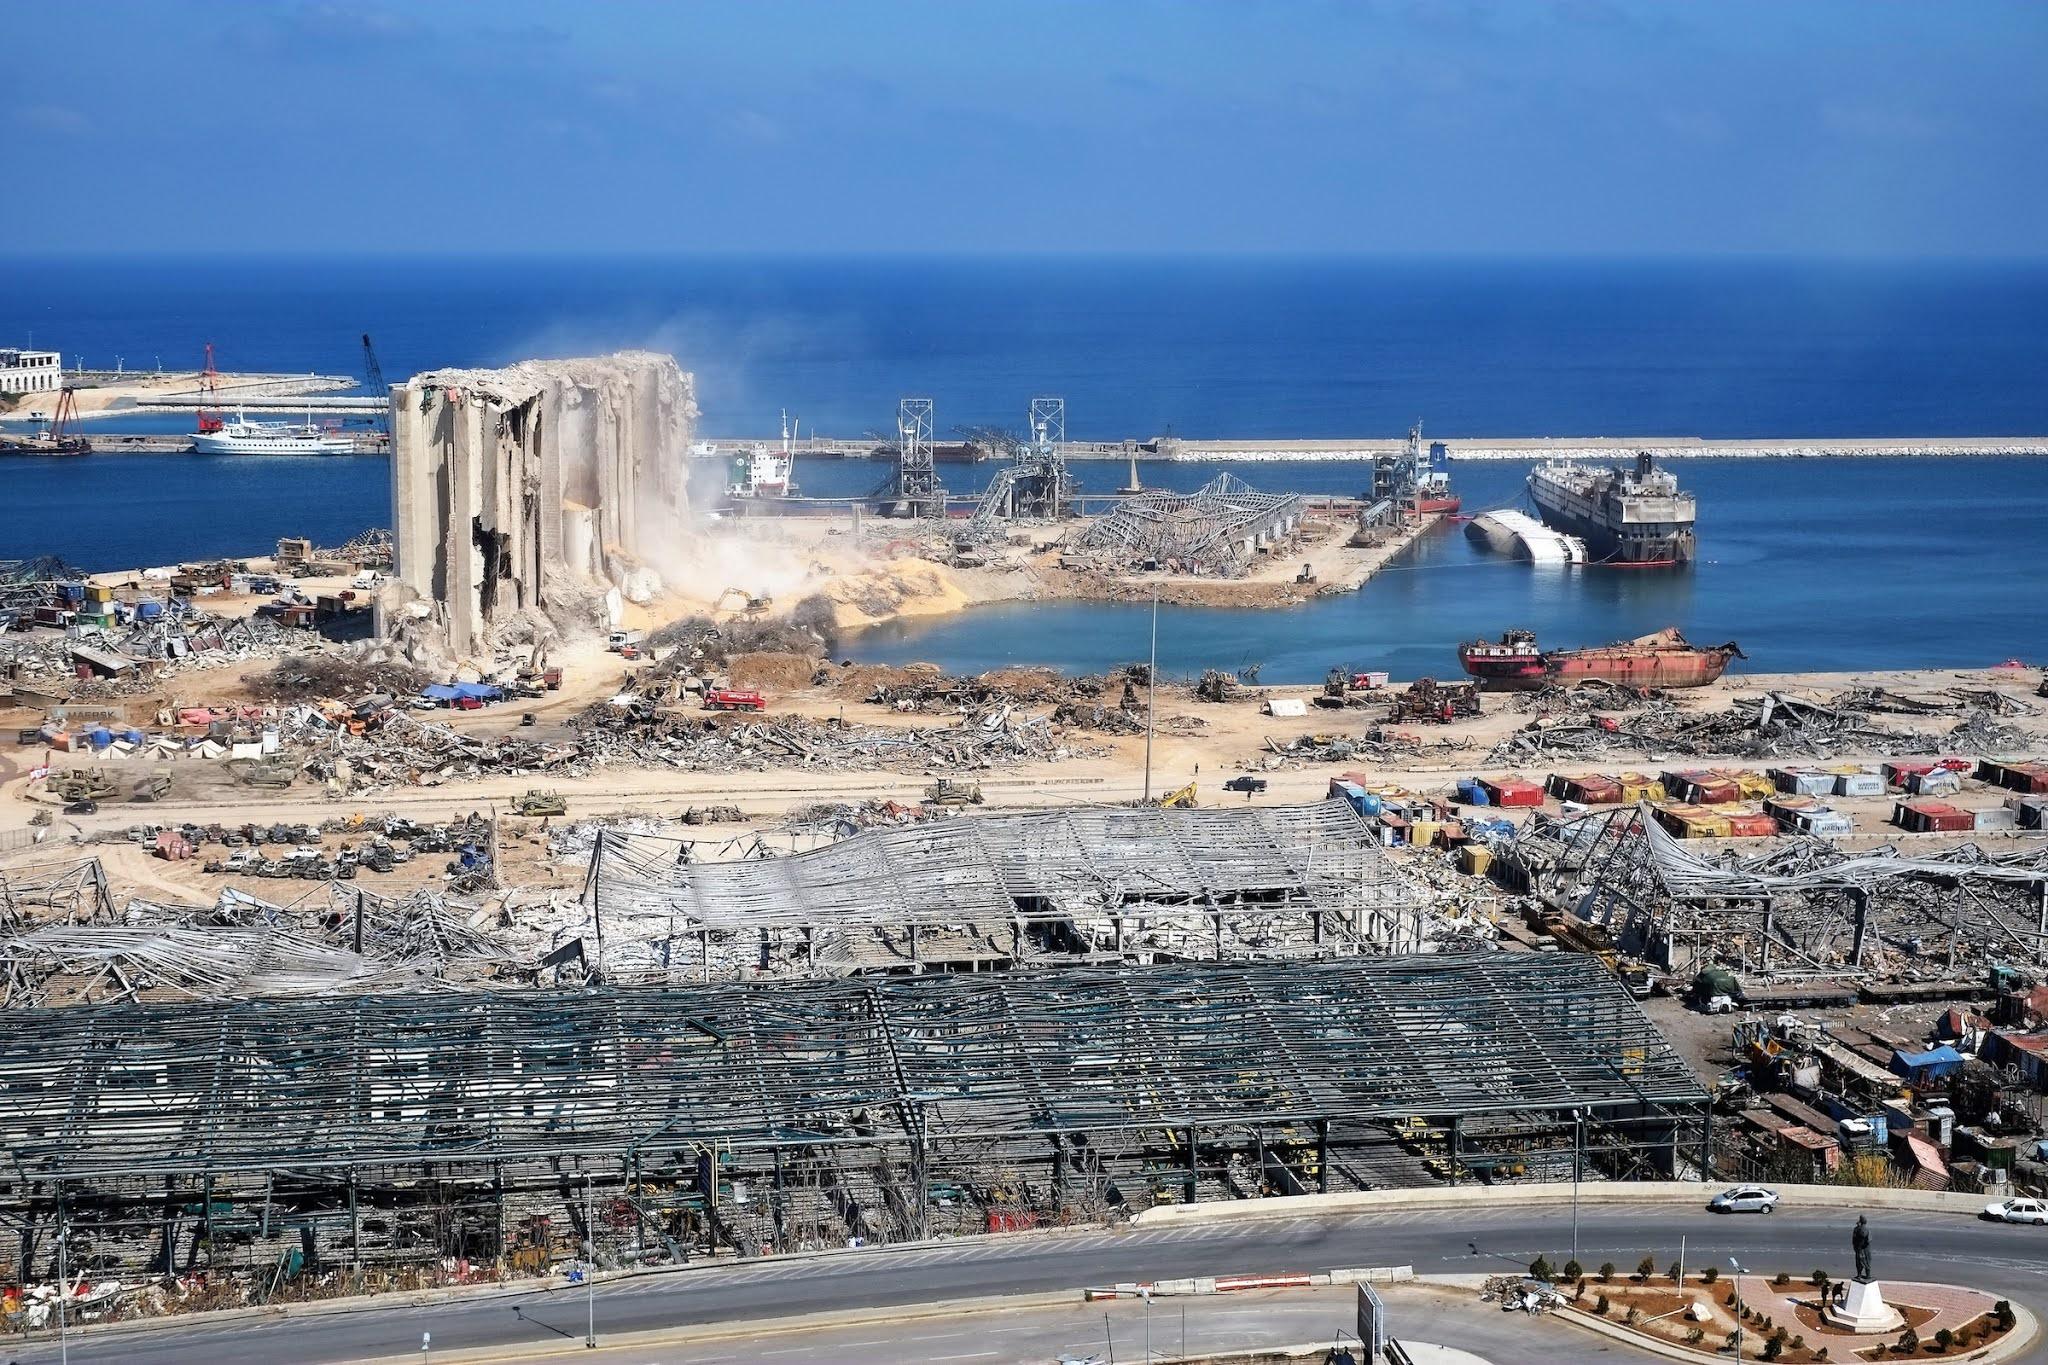 """مصر تطلب تفسيراً من سفير لبنان حول تصريحات شربل وهبة المسيئة للسعودية ودول """"التعاون"""""""